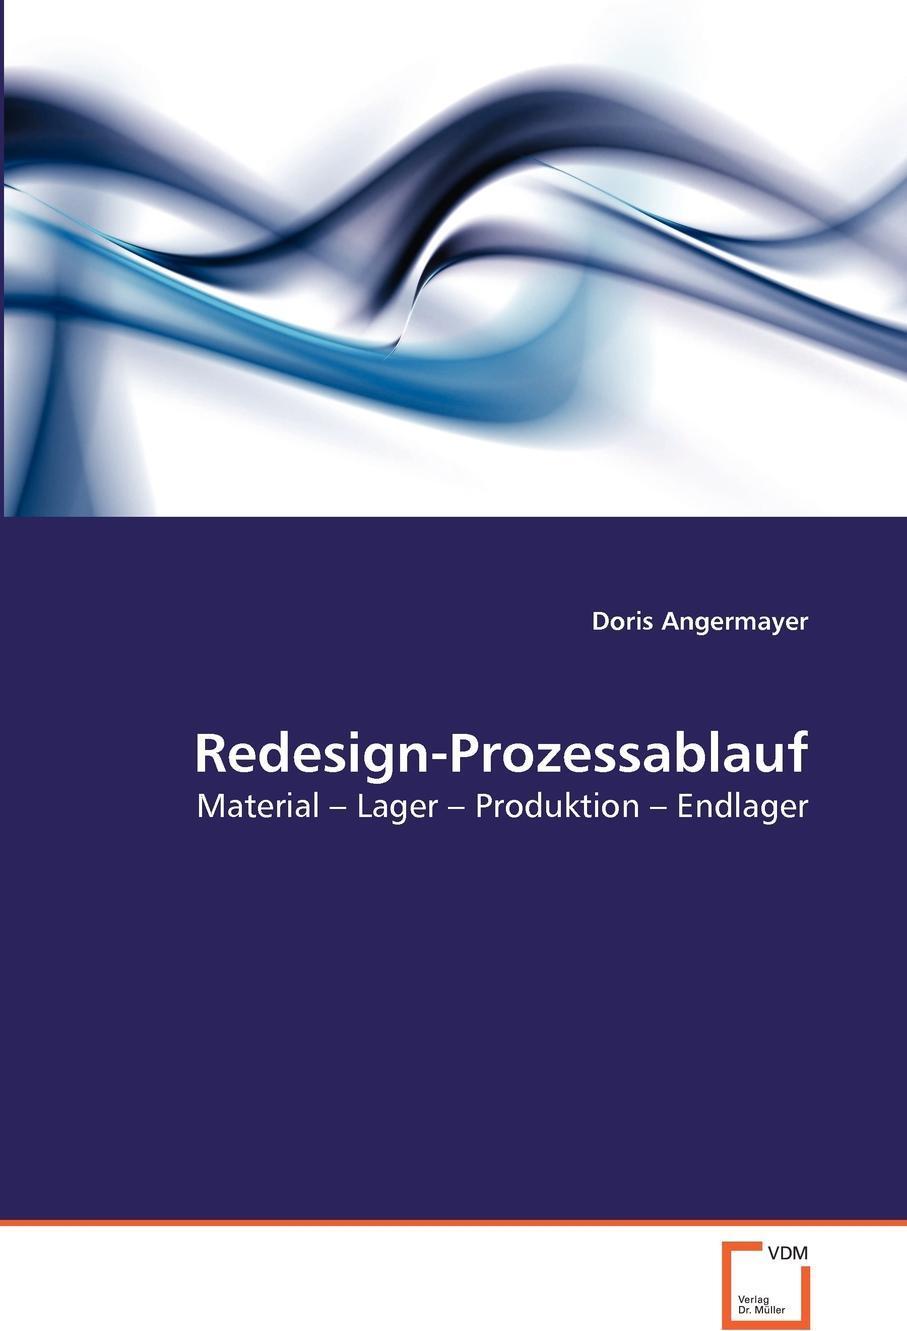 Redesign-Prozessablauf